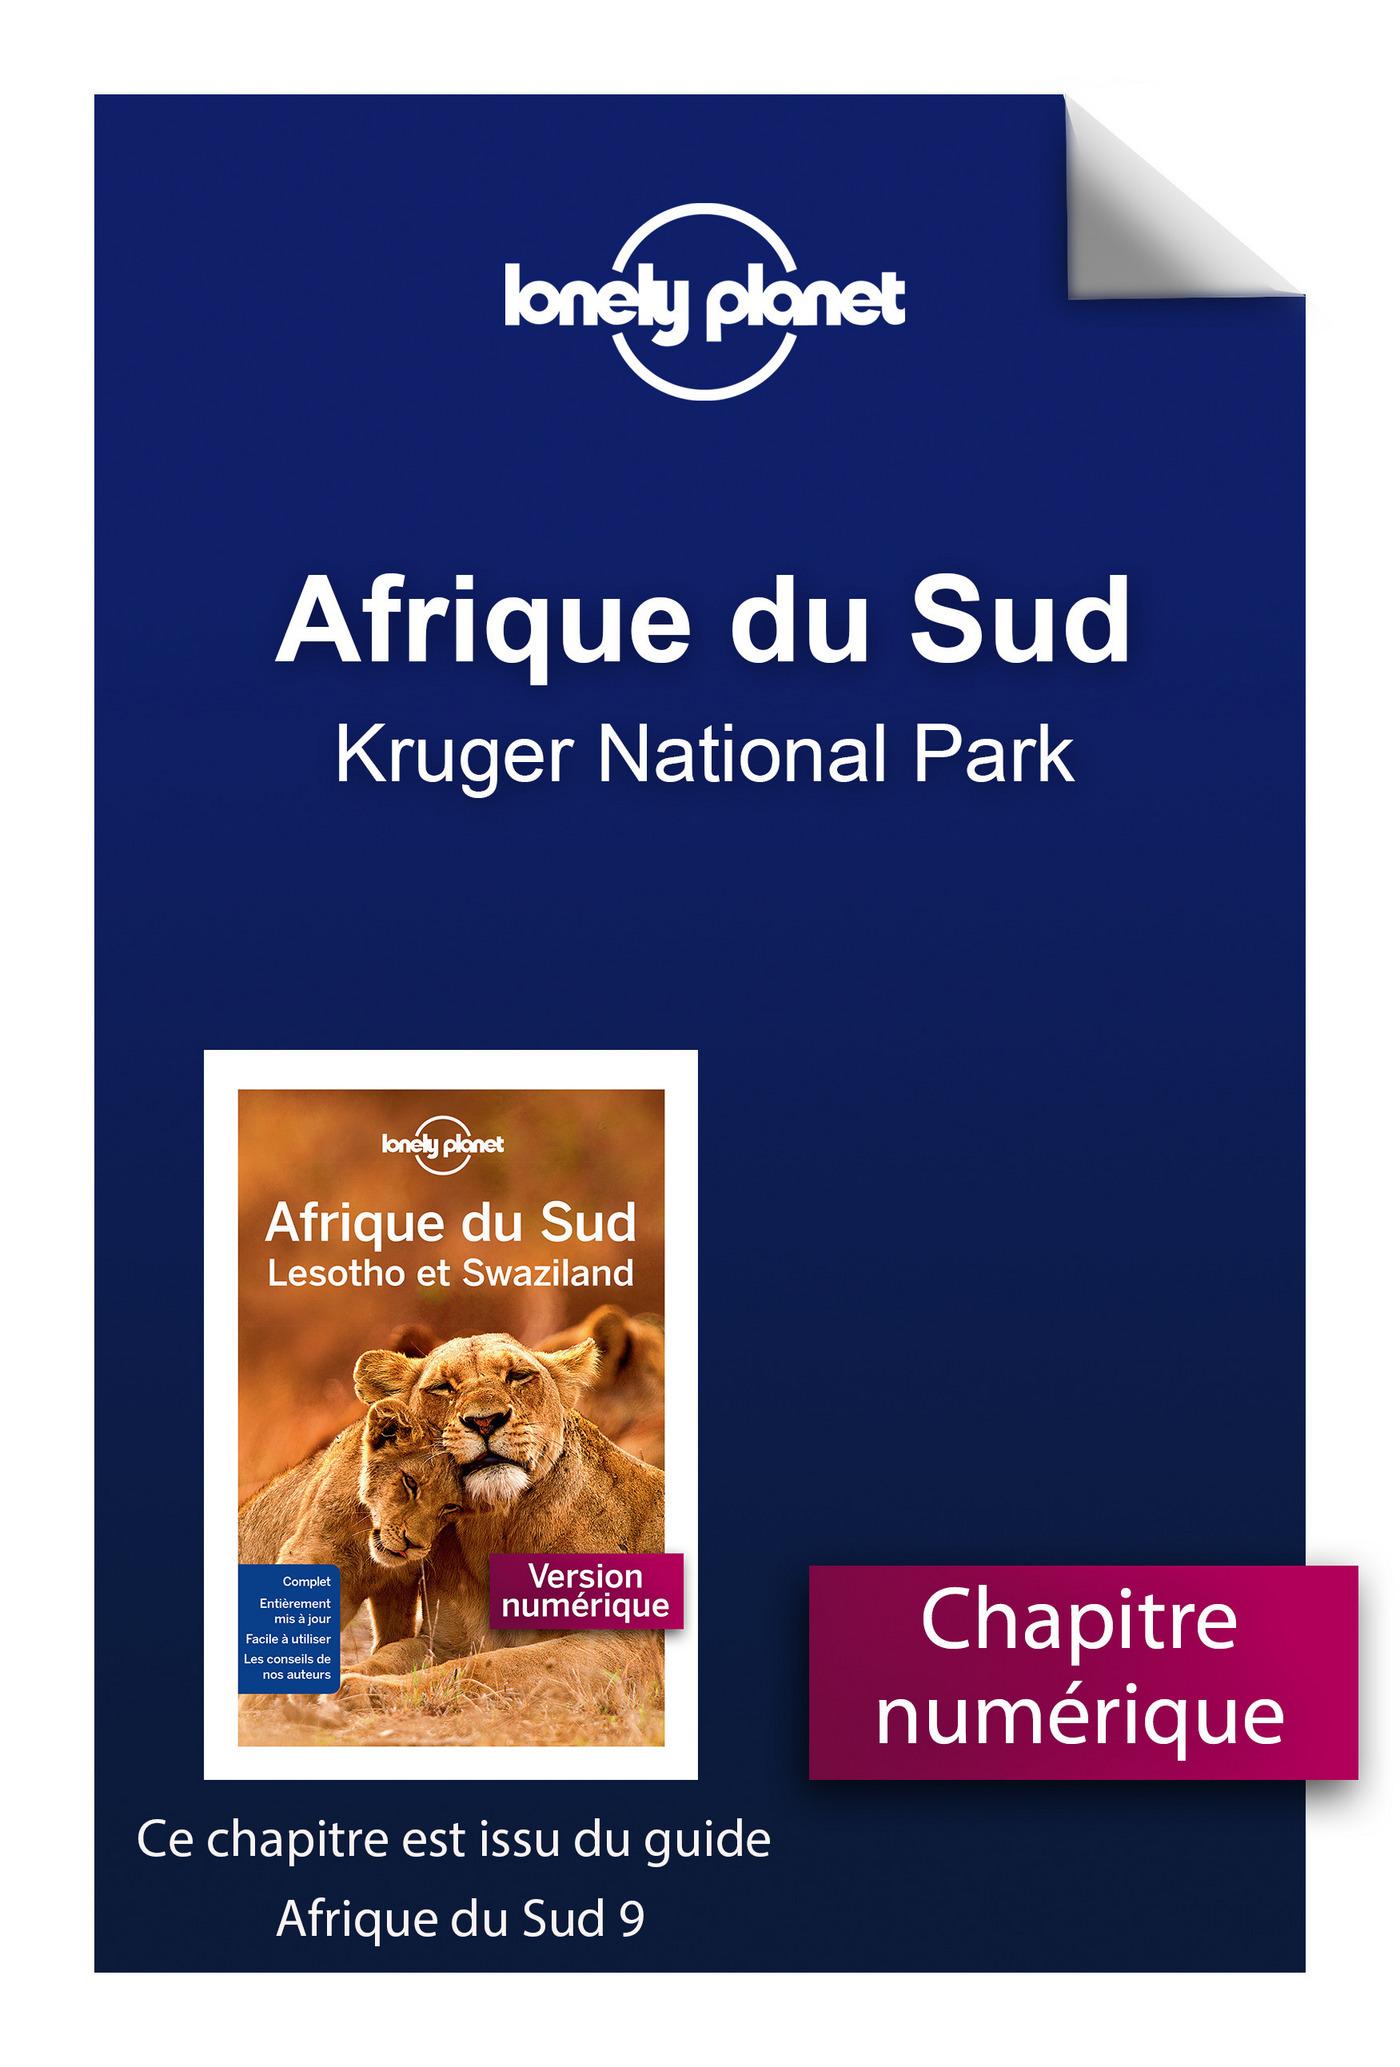 Afrique du Sud - Kruger National Park